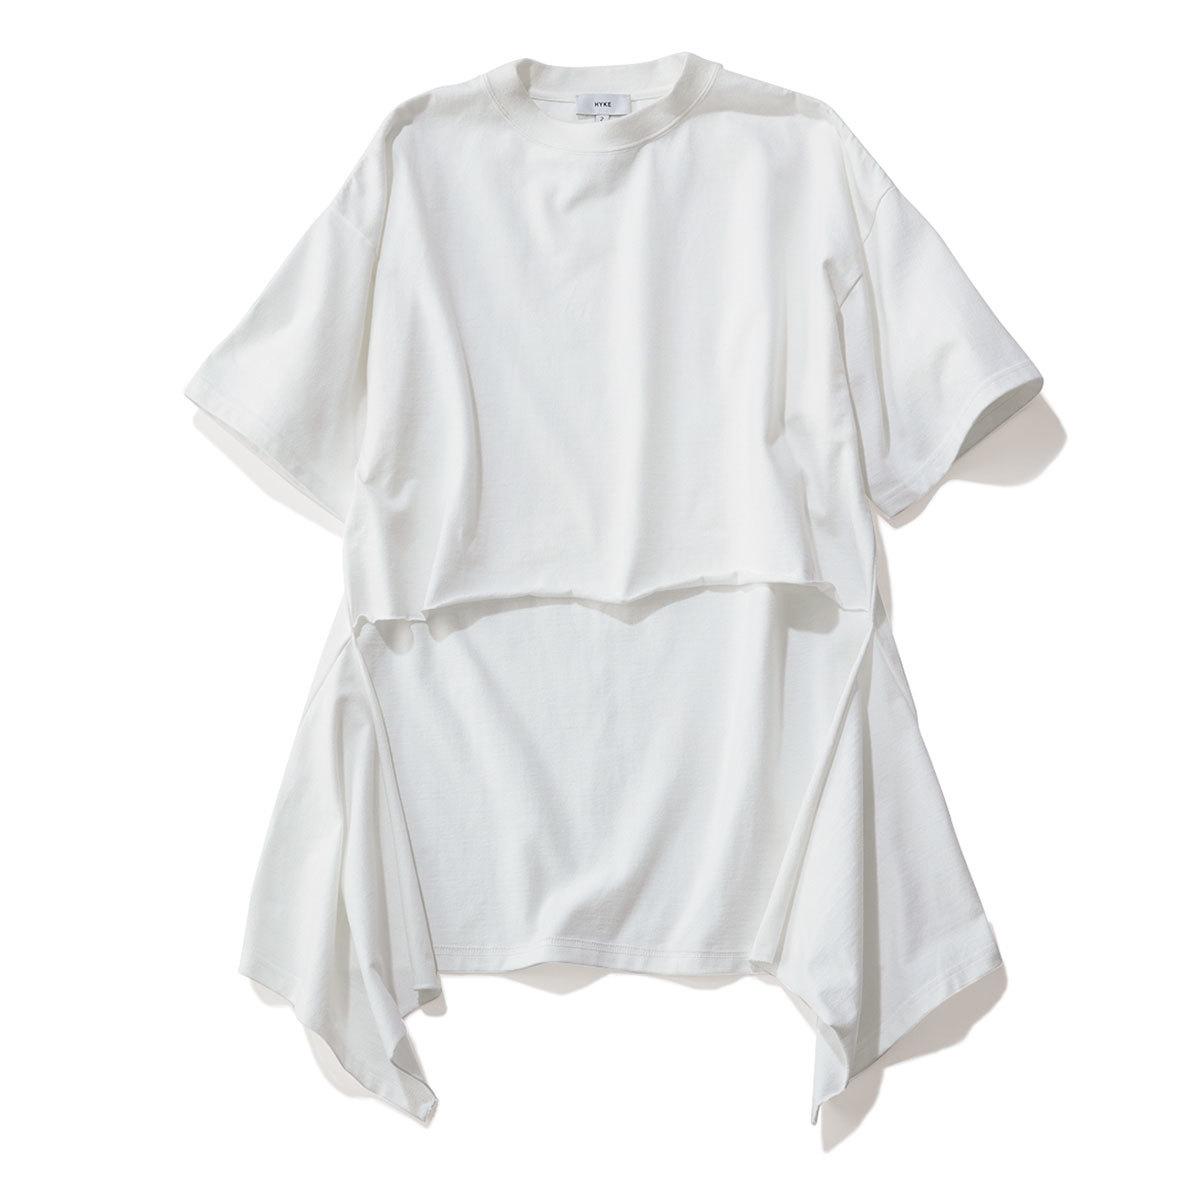 40代ファッション2019年夏のお買い物_HYKEの変形ヘムTシャツ